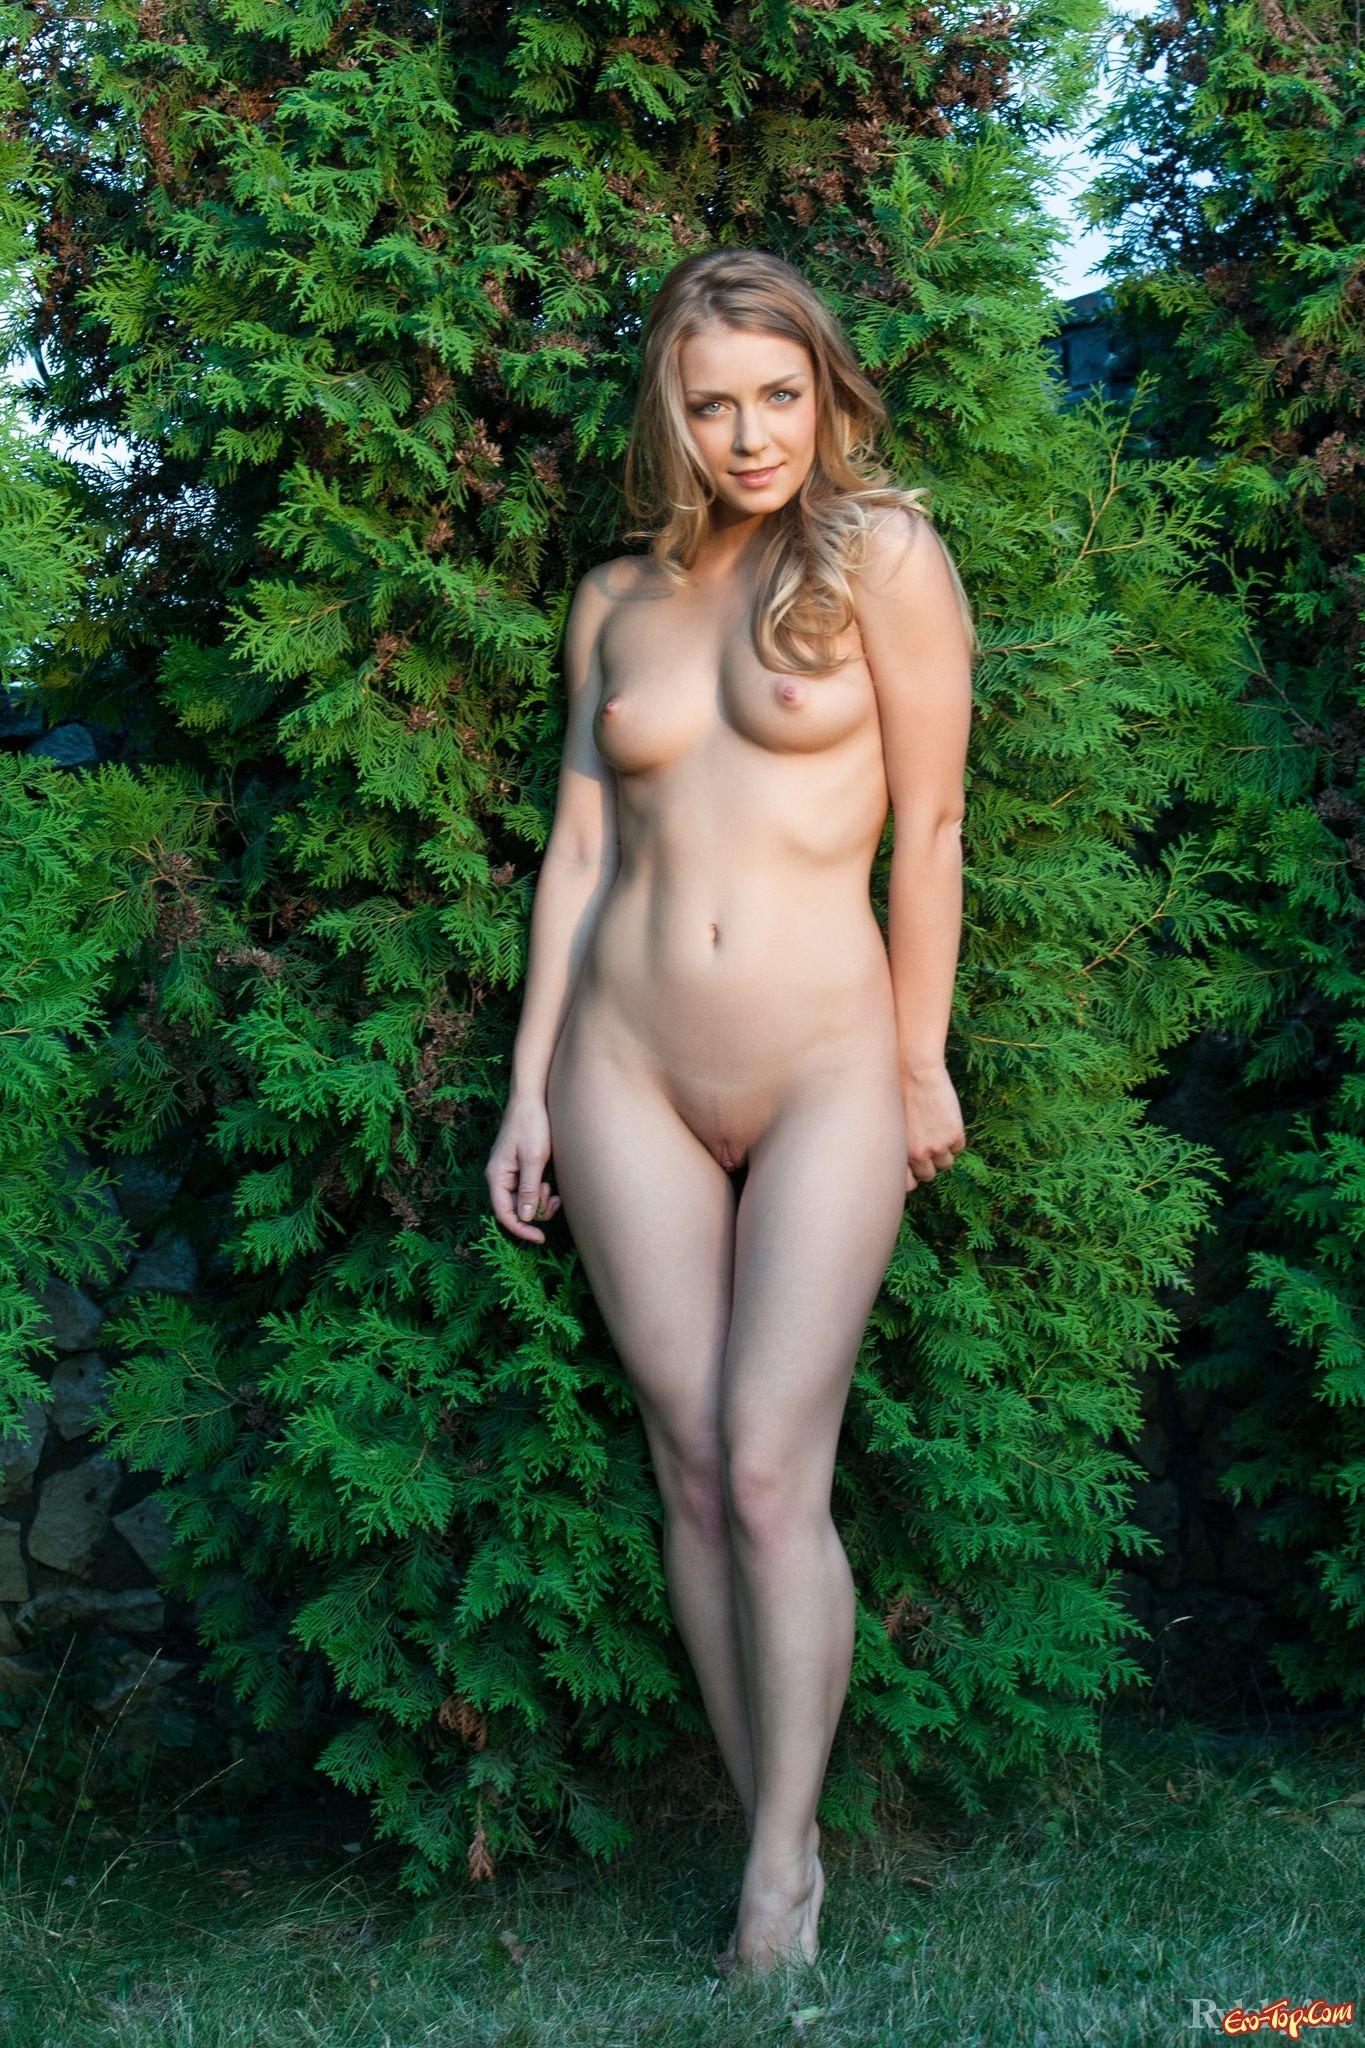 Посмотрела голые девушки во весь рост